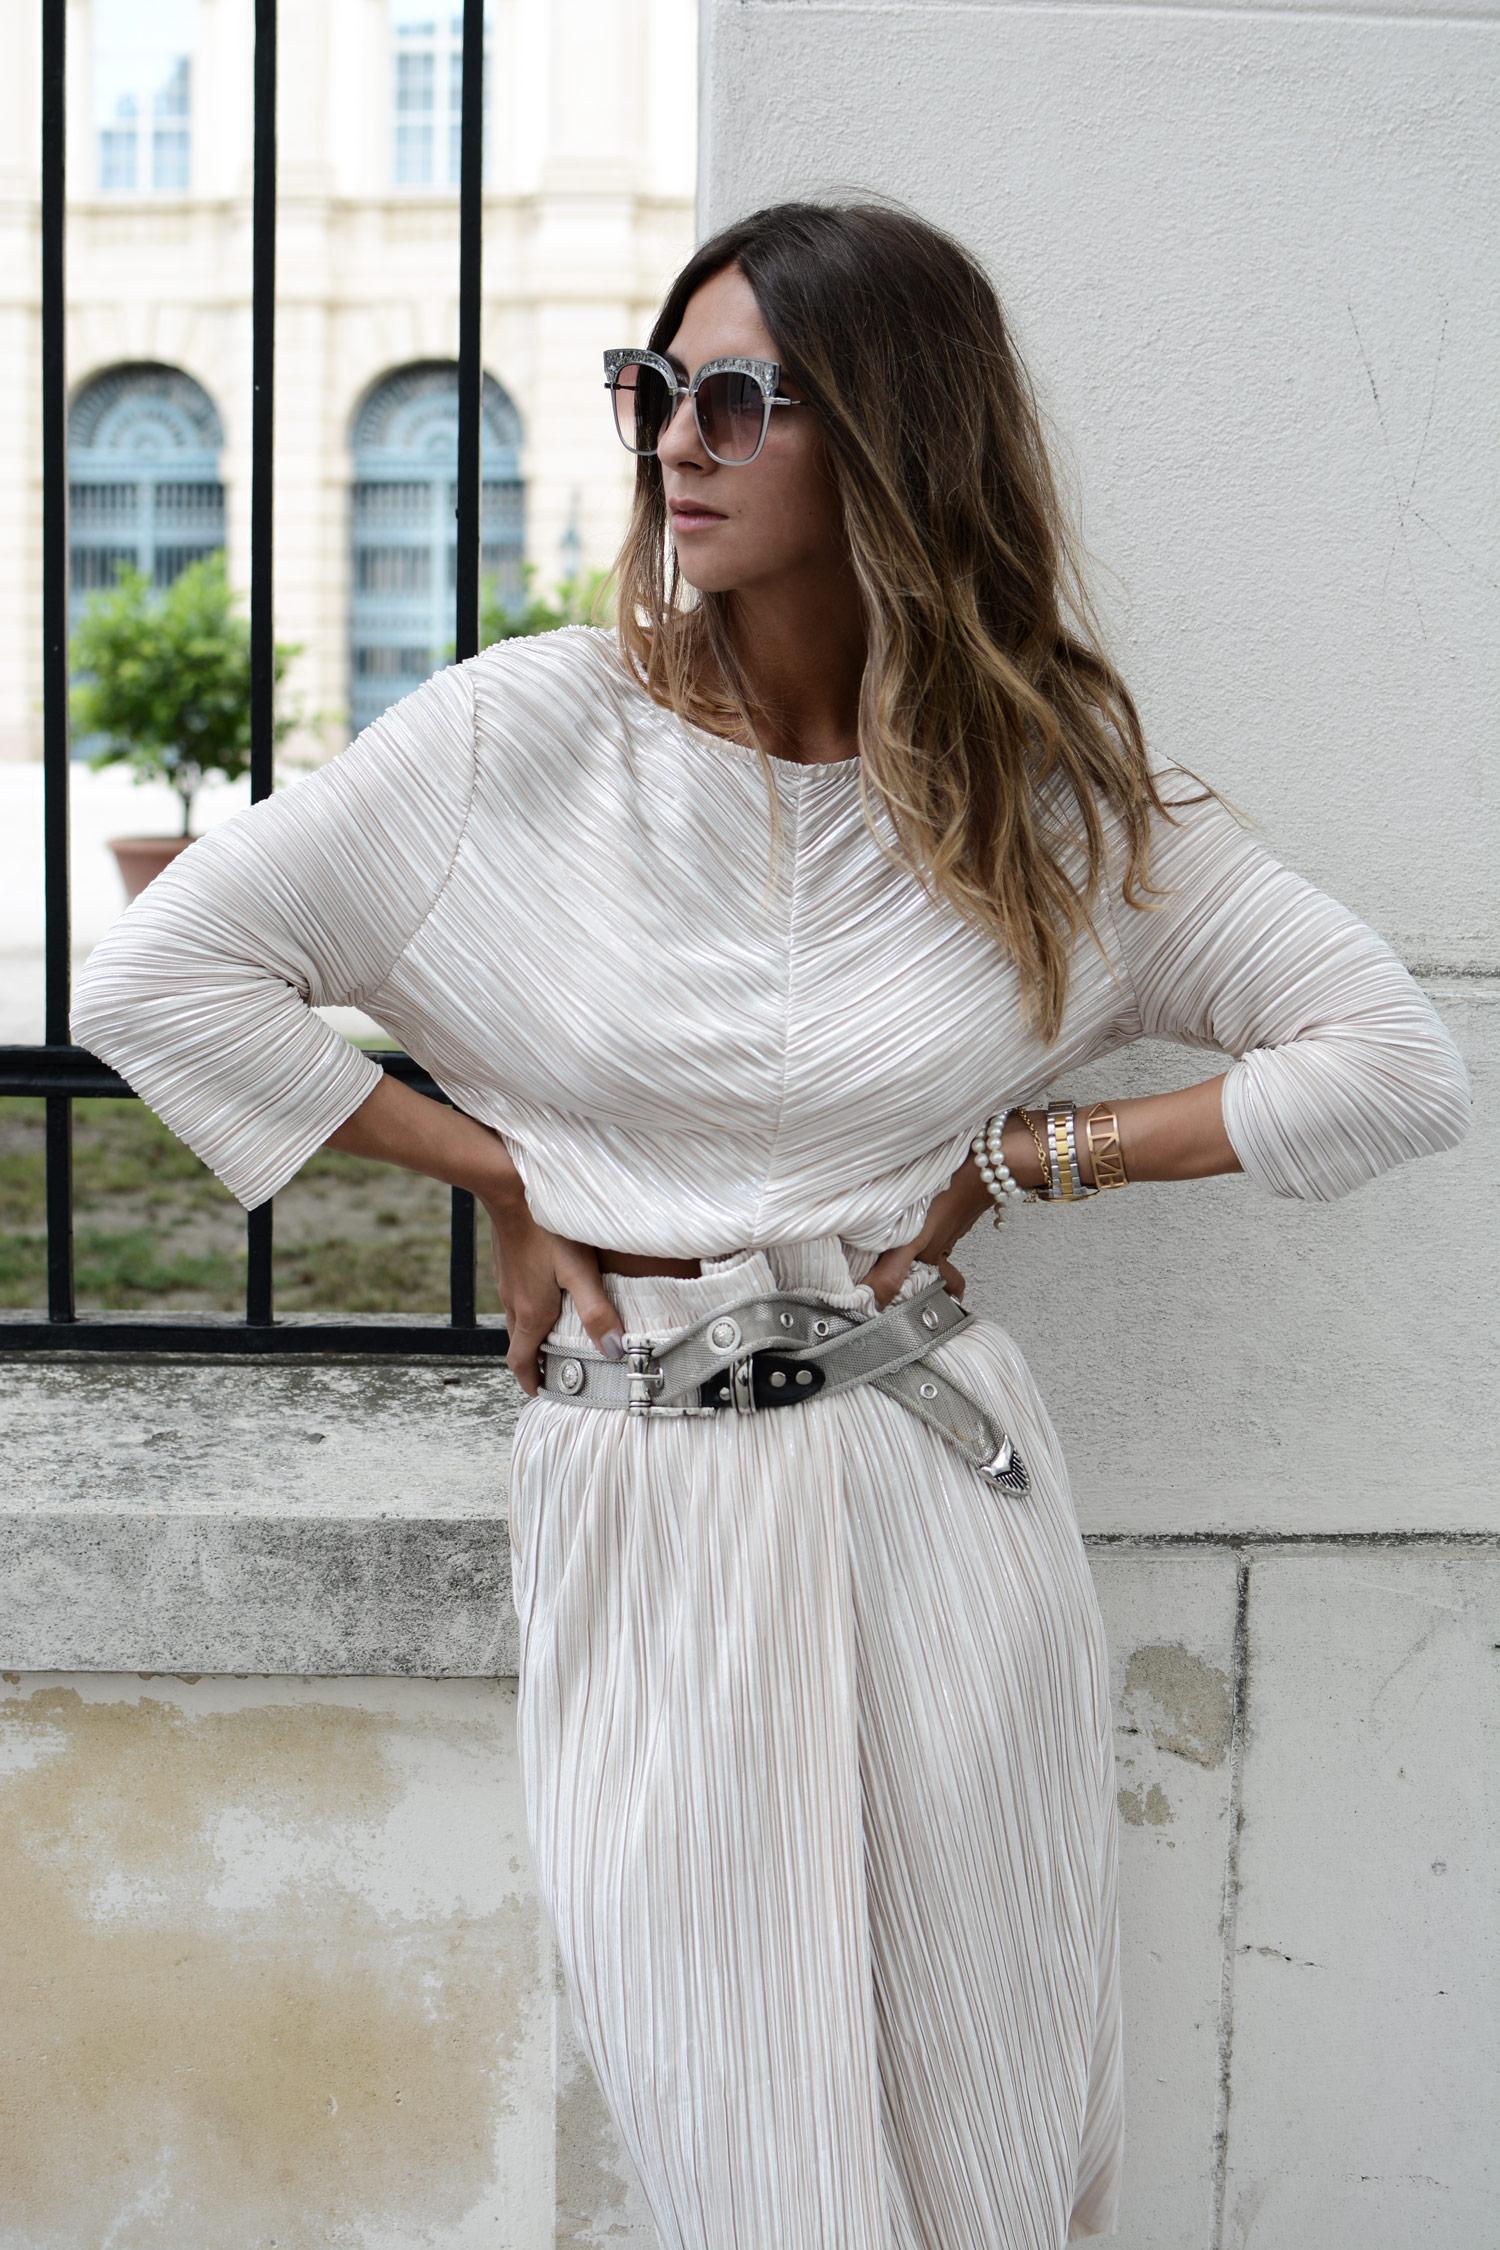 Pantoletten Outfit - LES FACTORY FEMMES